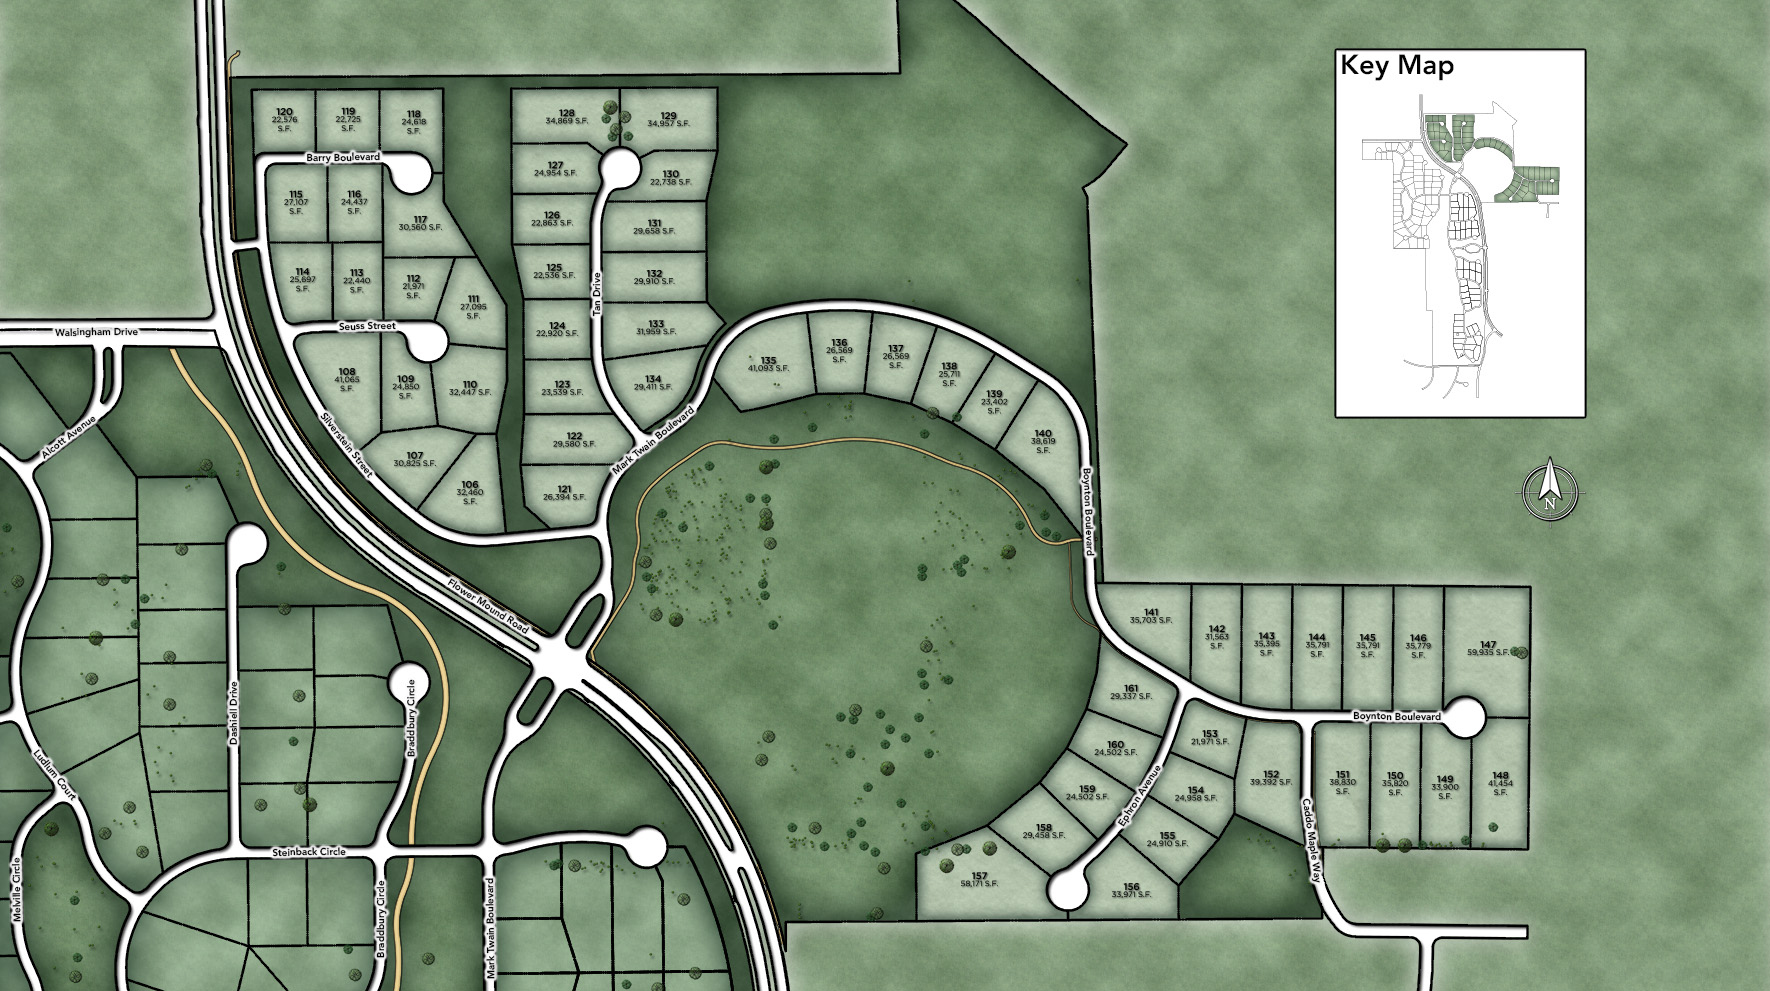 Town Lake at Flower Mound Site Plan